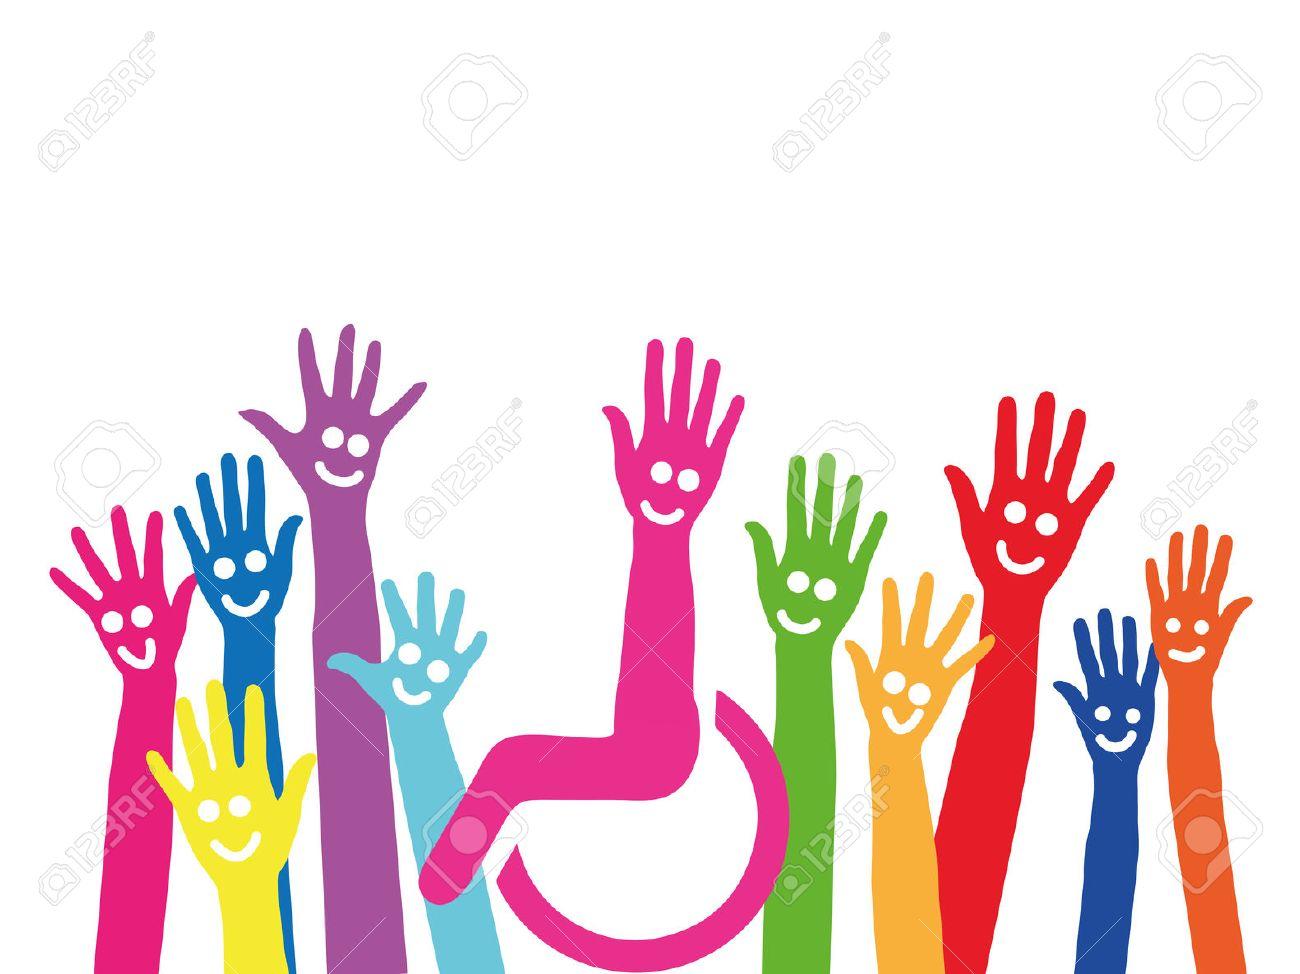 Mains comme un symbole de l'inclusion et de l'intégration en fauteuil roulant au milieu Banque d'images - 57526865